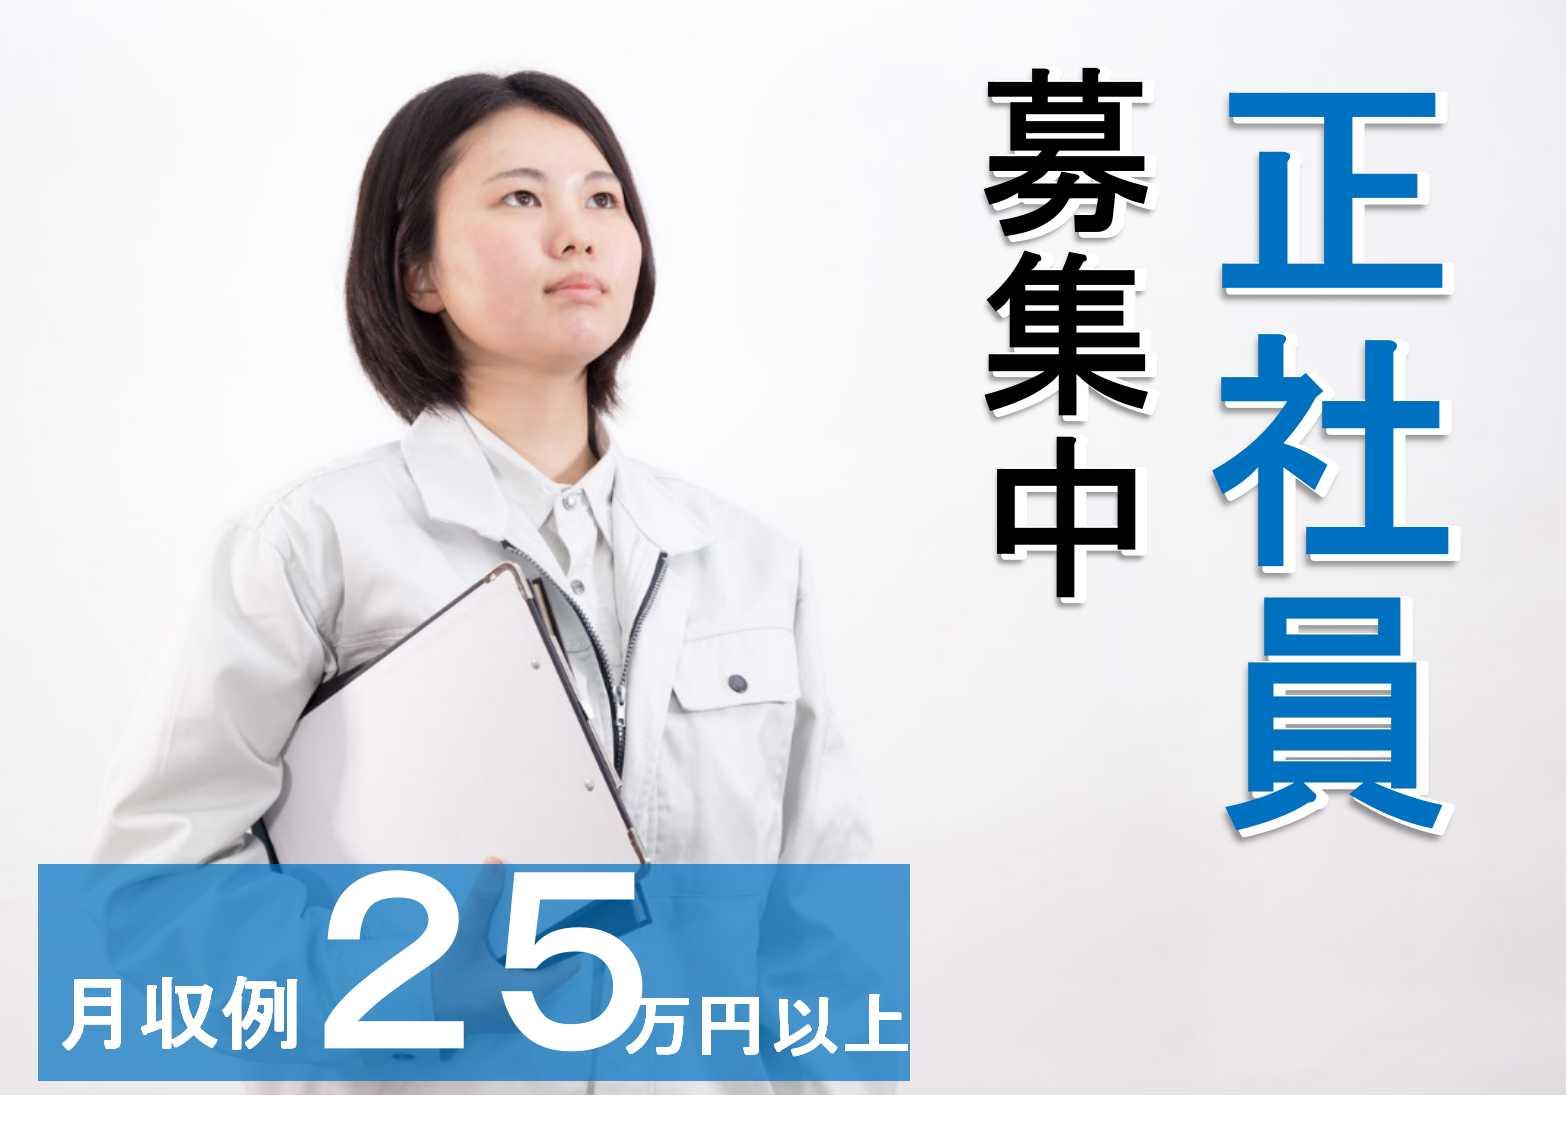 研修期間も減給ナシ♪年間休日125日!CADオペレーター募集【即面談可能】 イメージ